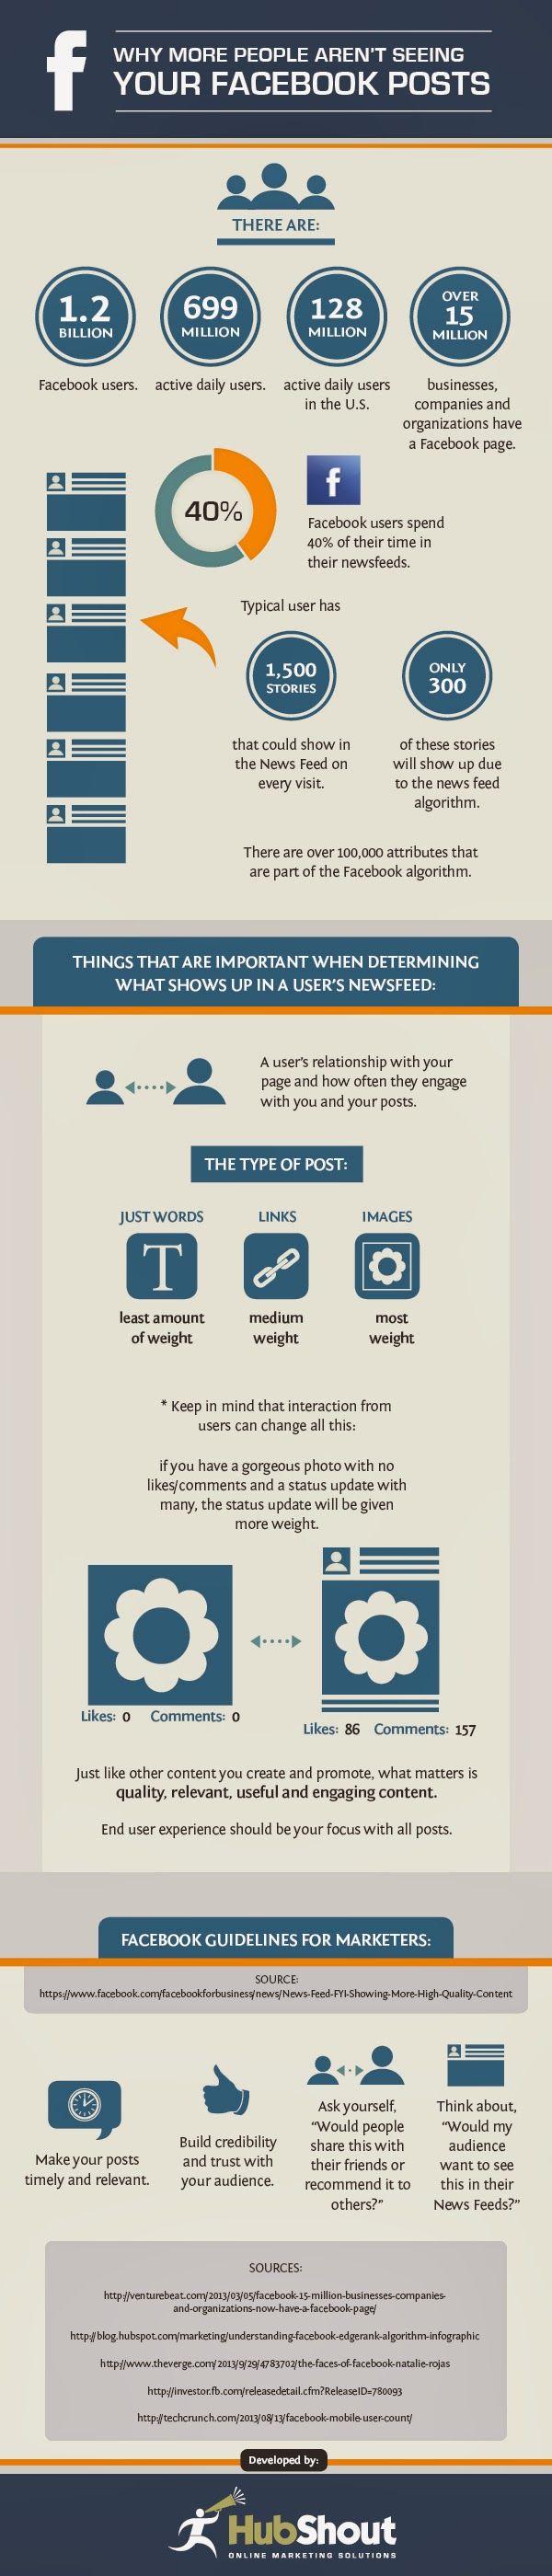 ¿Por qué la gente no lee tus posts de Facebook? #Infografia #Infographic #SocialMedia